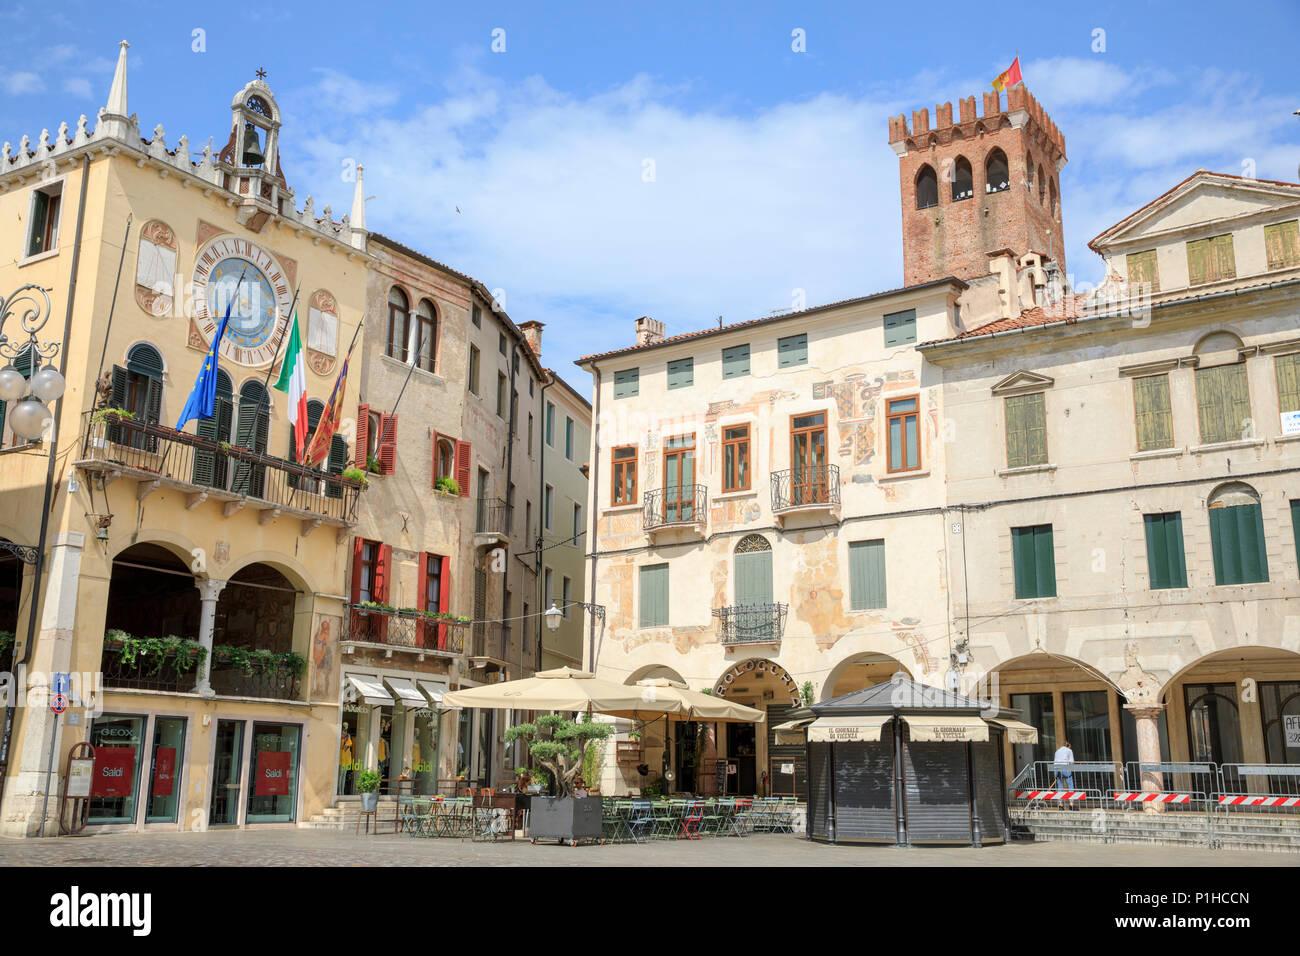 Loggia Del Municipio (L) & Torre Civica in Piazza Libertà, Bassano del Grappa, Italy - Stock Image